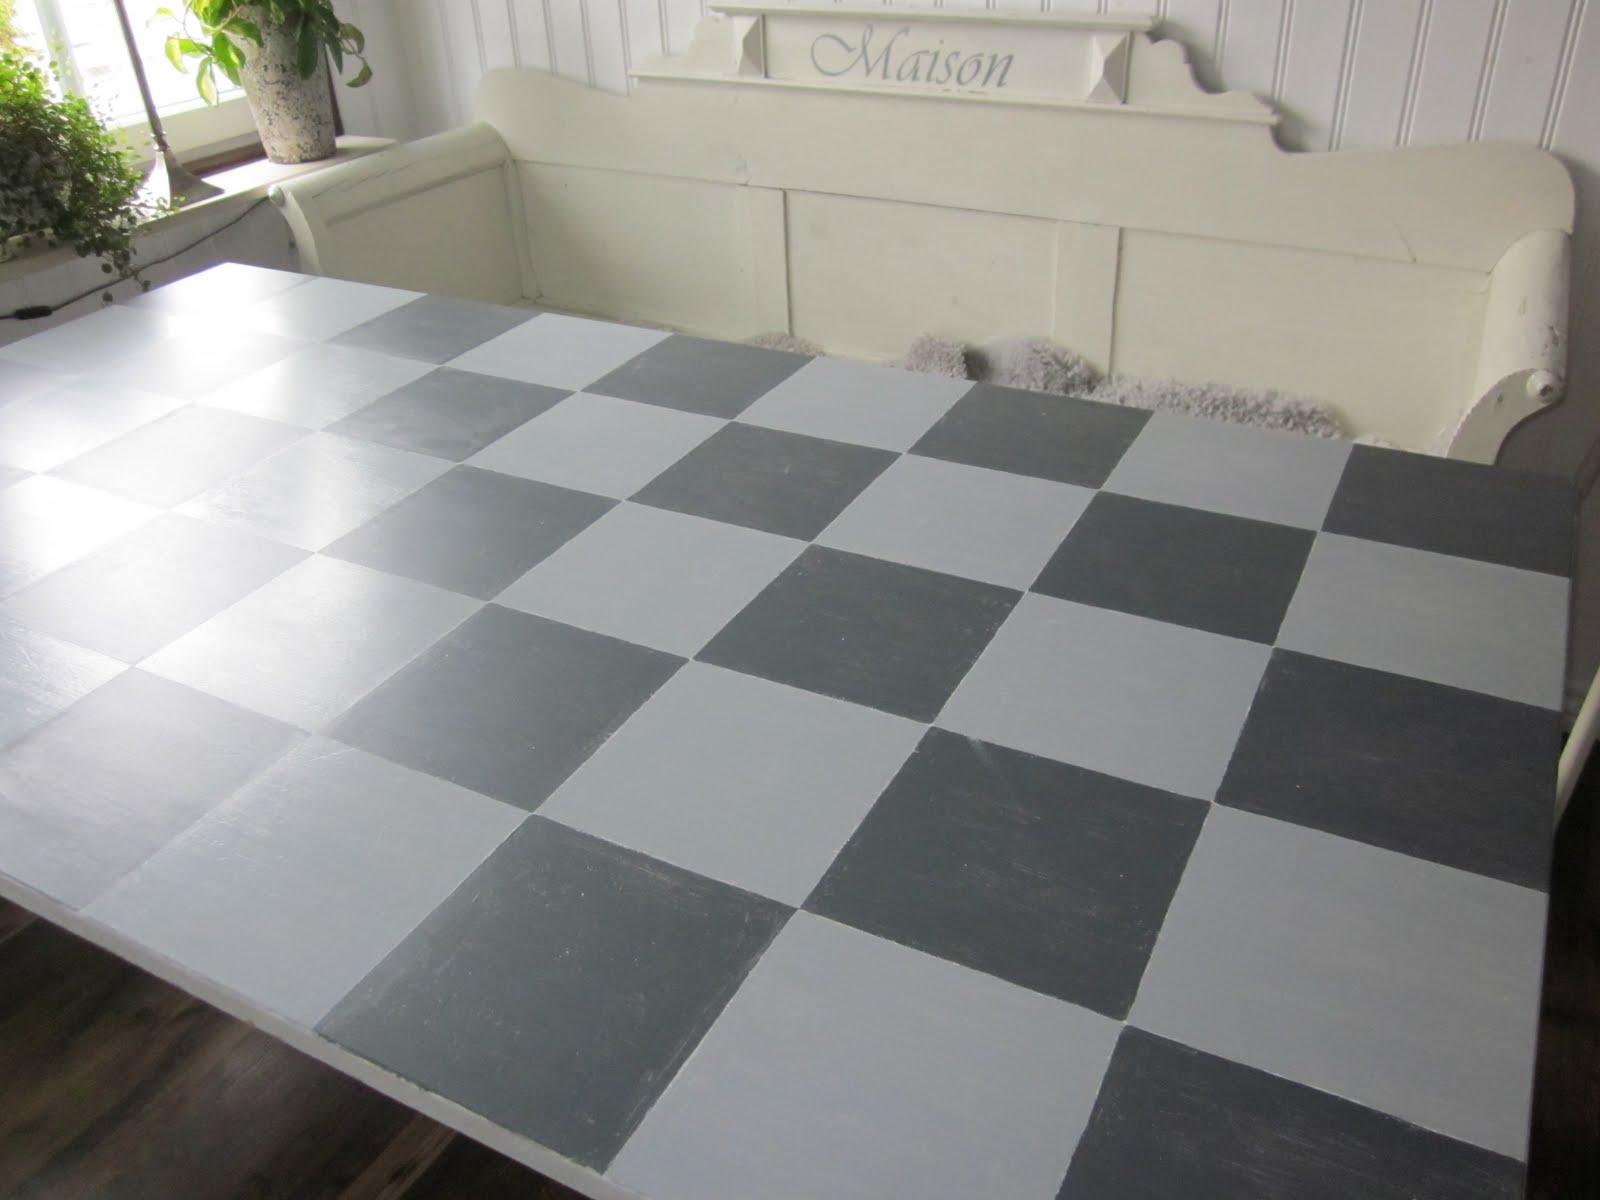 Gammalt Koksbord Till Salu : Det gamla bordet or nu till salu Man kan sitta monga runt det nor